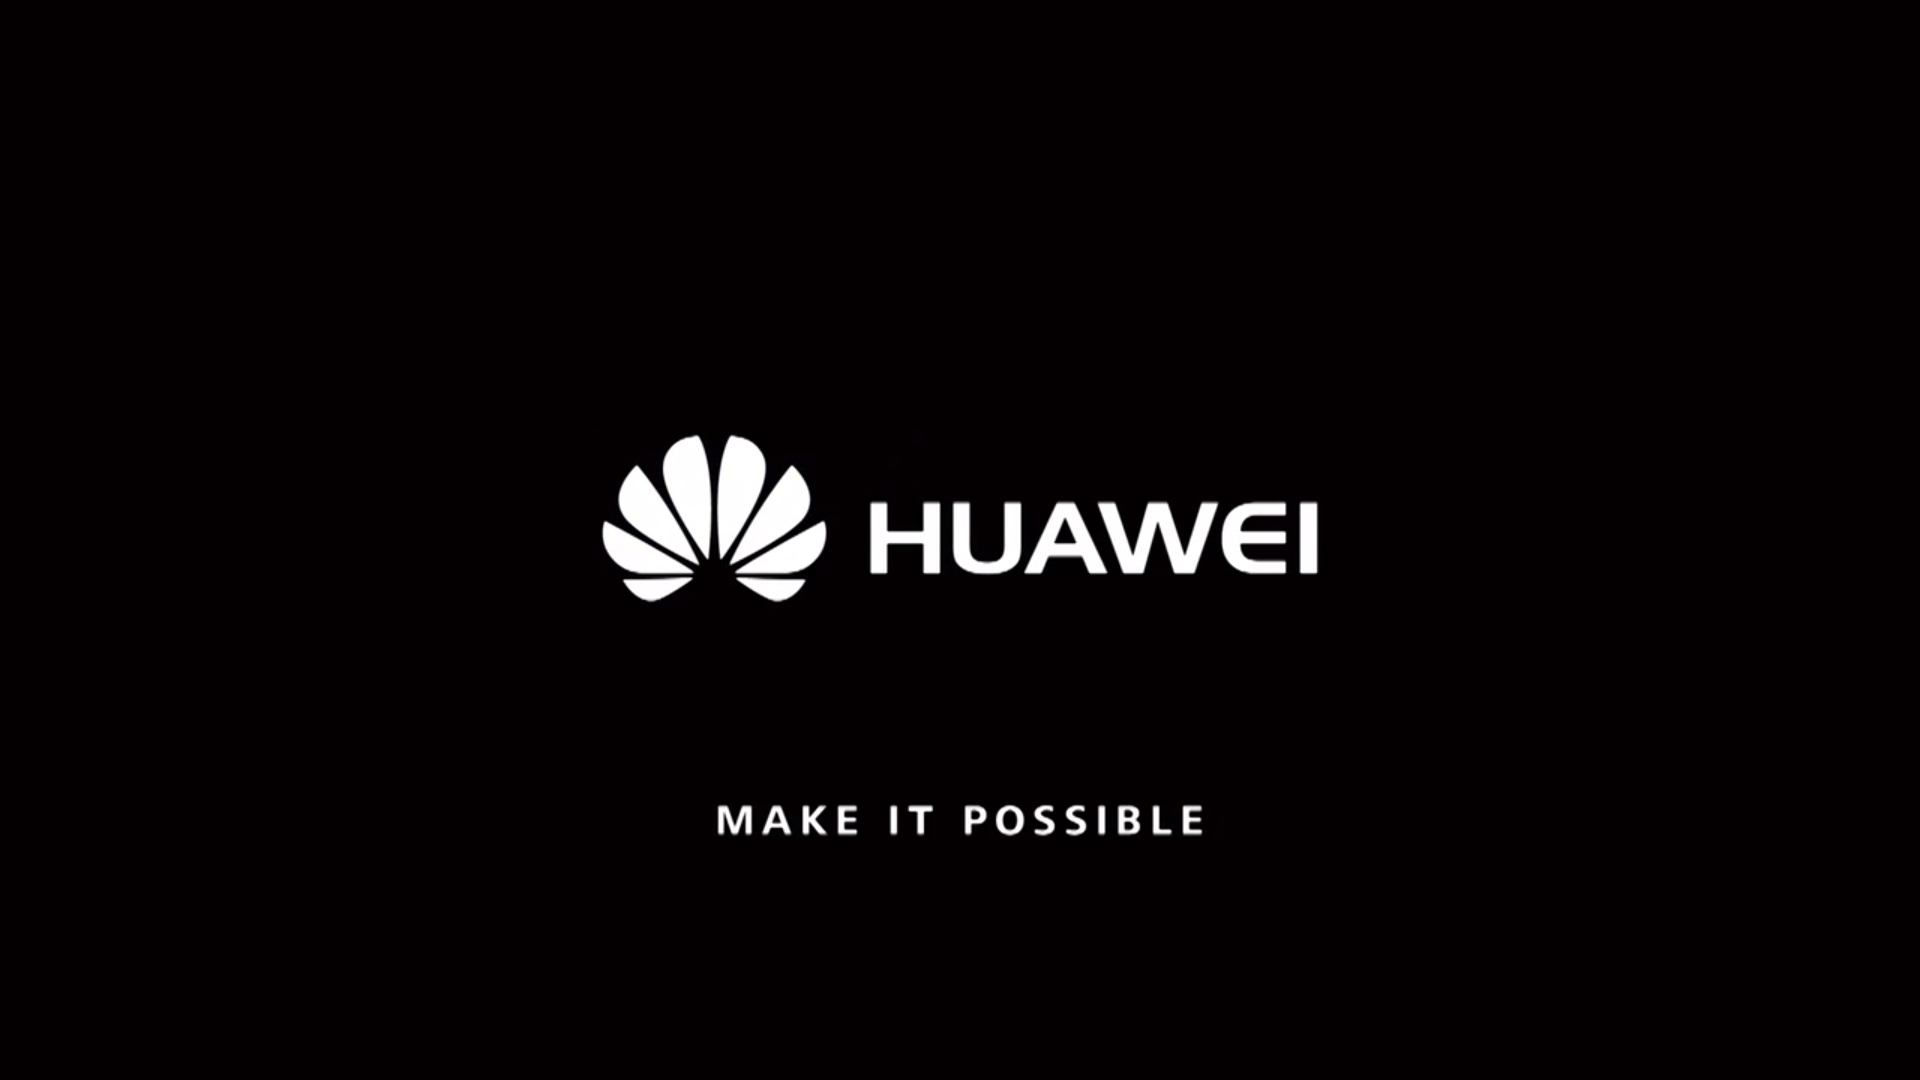 Huawei wraz z Tencent mogą stworzyć własną platformę do grania w chmurze 18